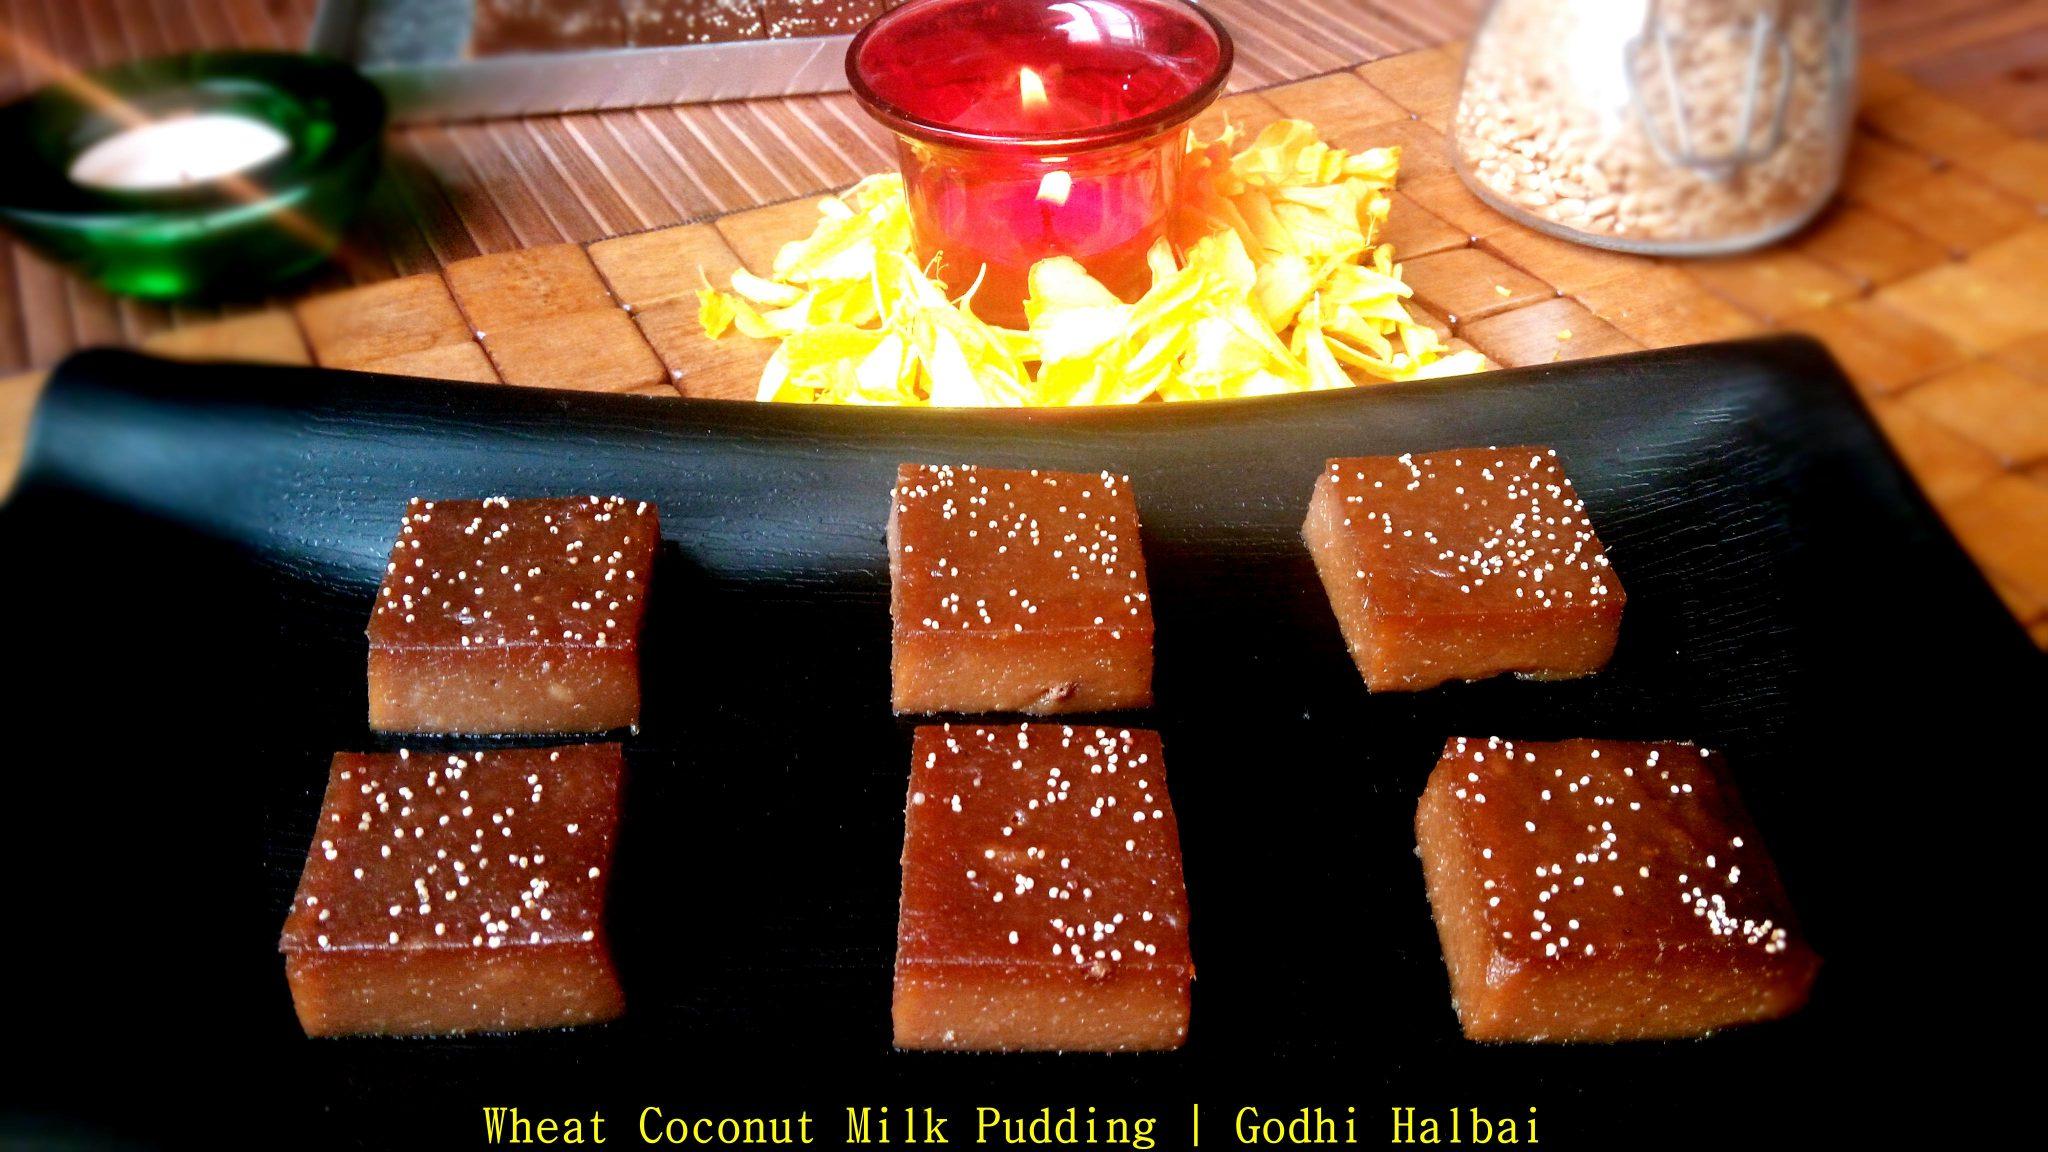 Wheat Coconut MIlk Pudding